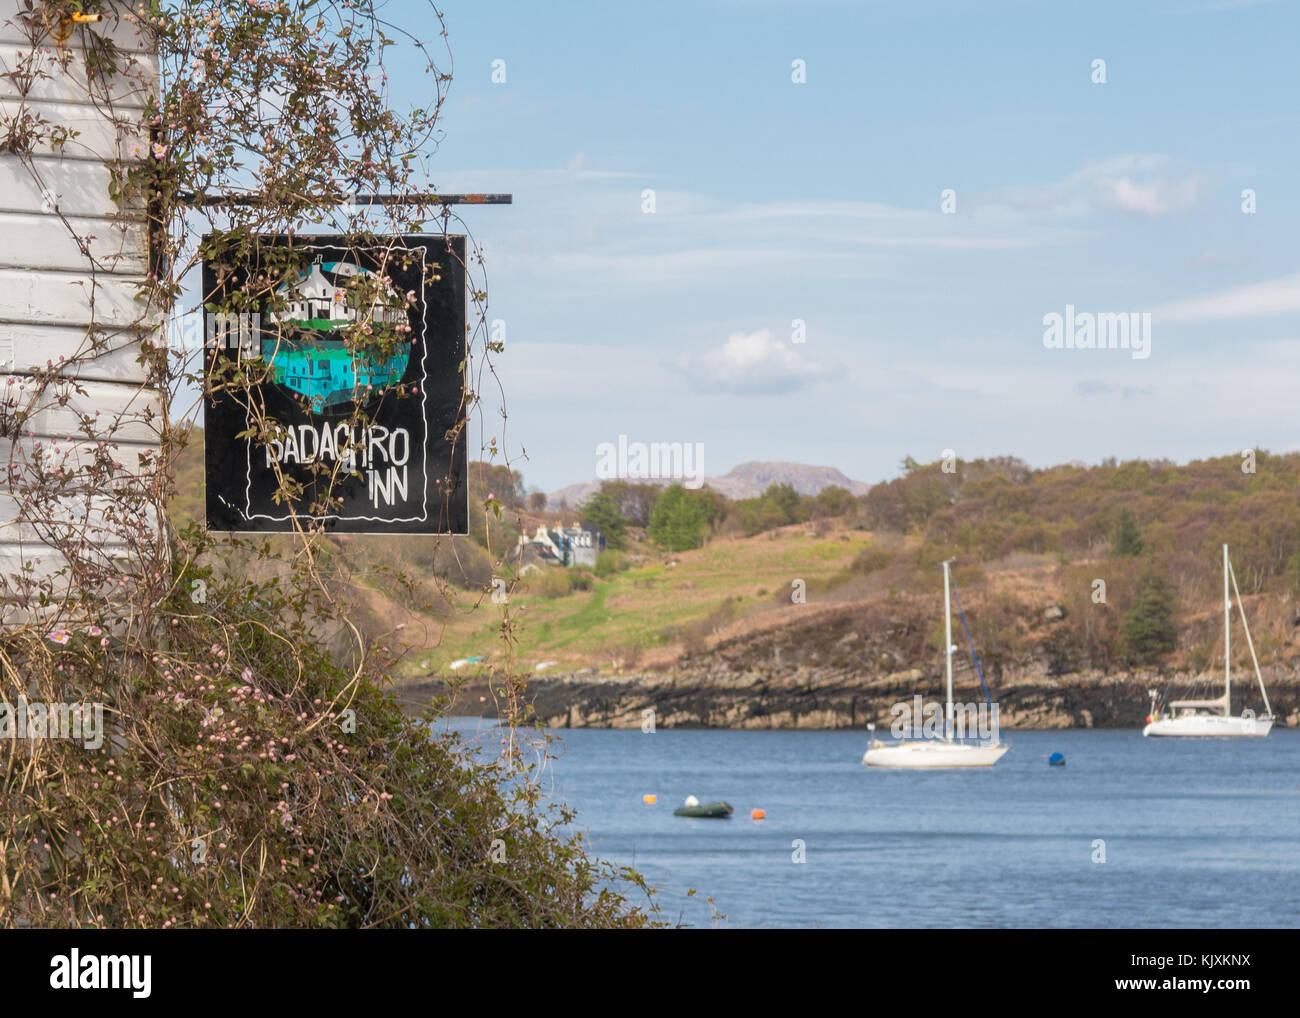 Badachro Inn, Badachro, Gairloch, Ross-shire, Scotland, UK - Stock Image